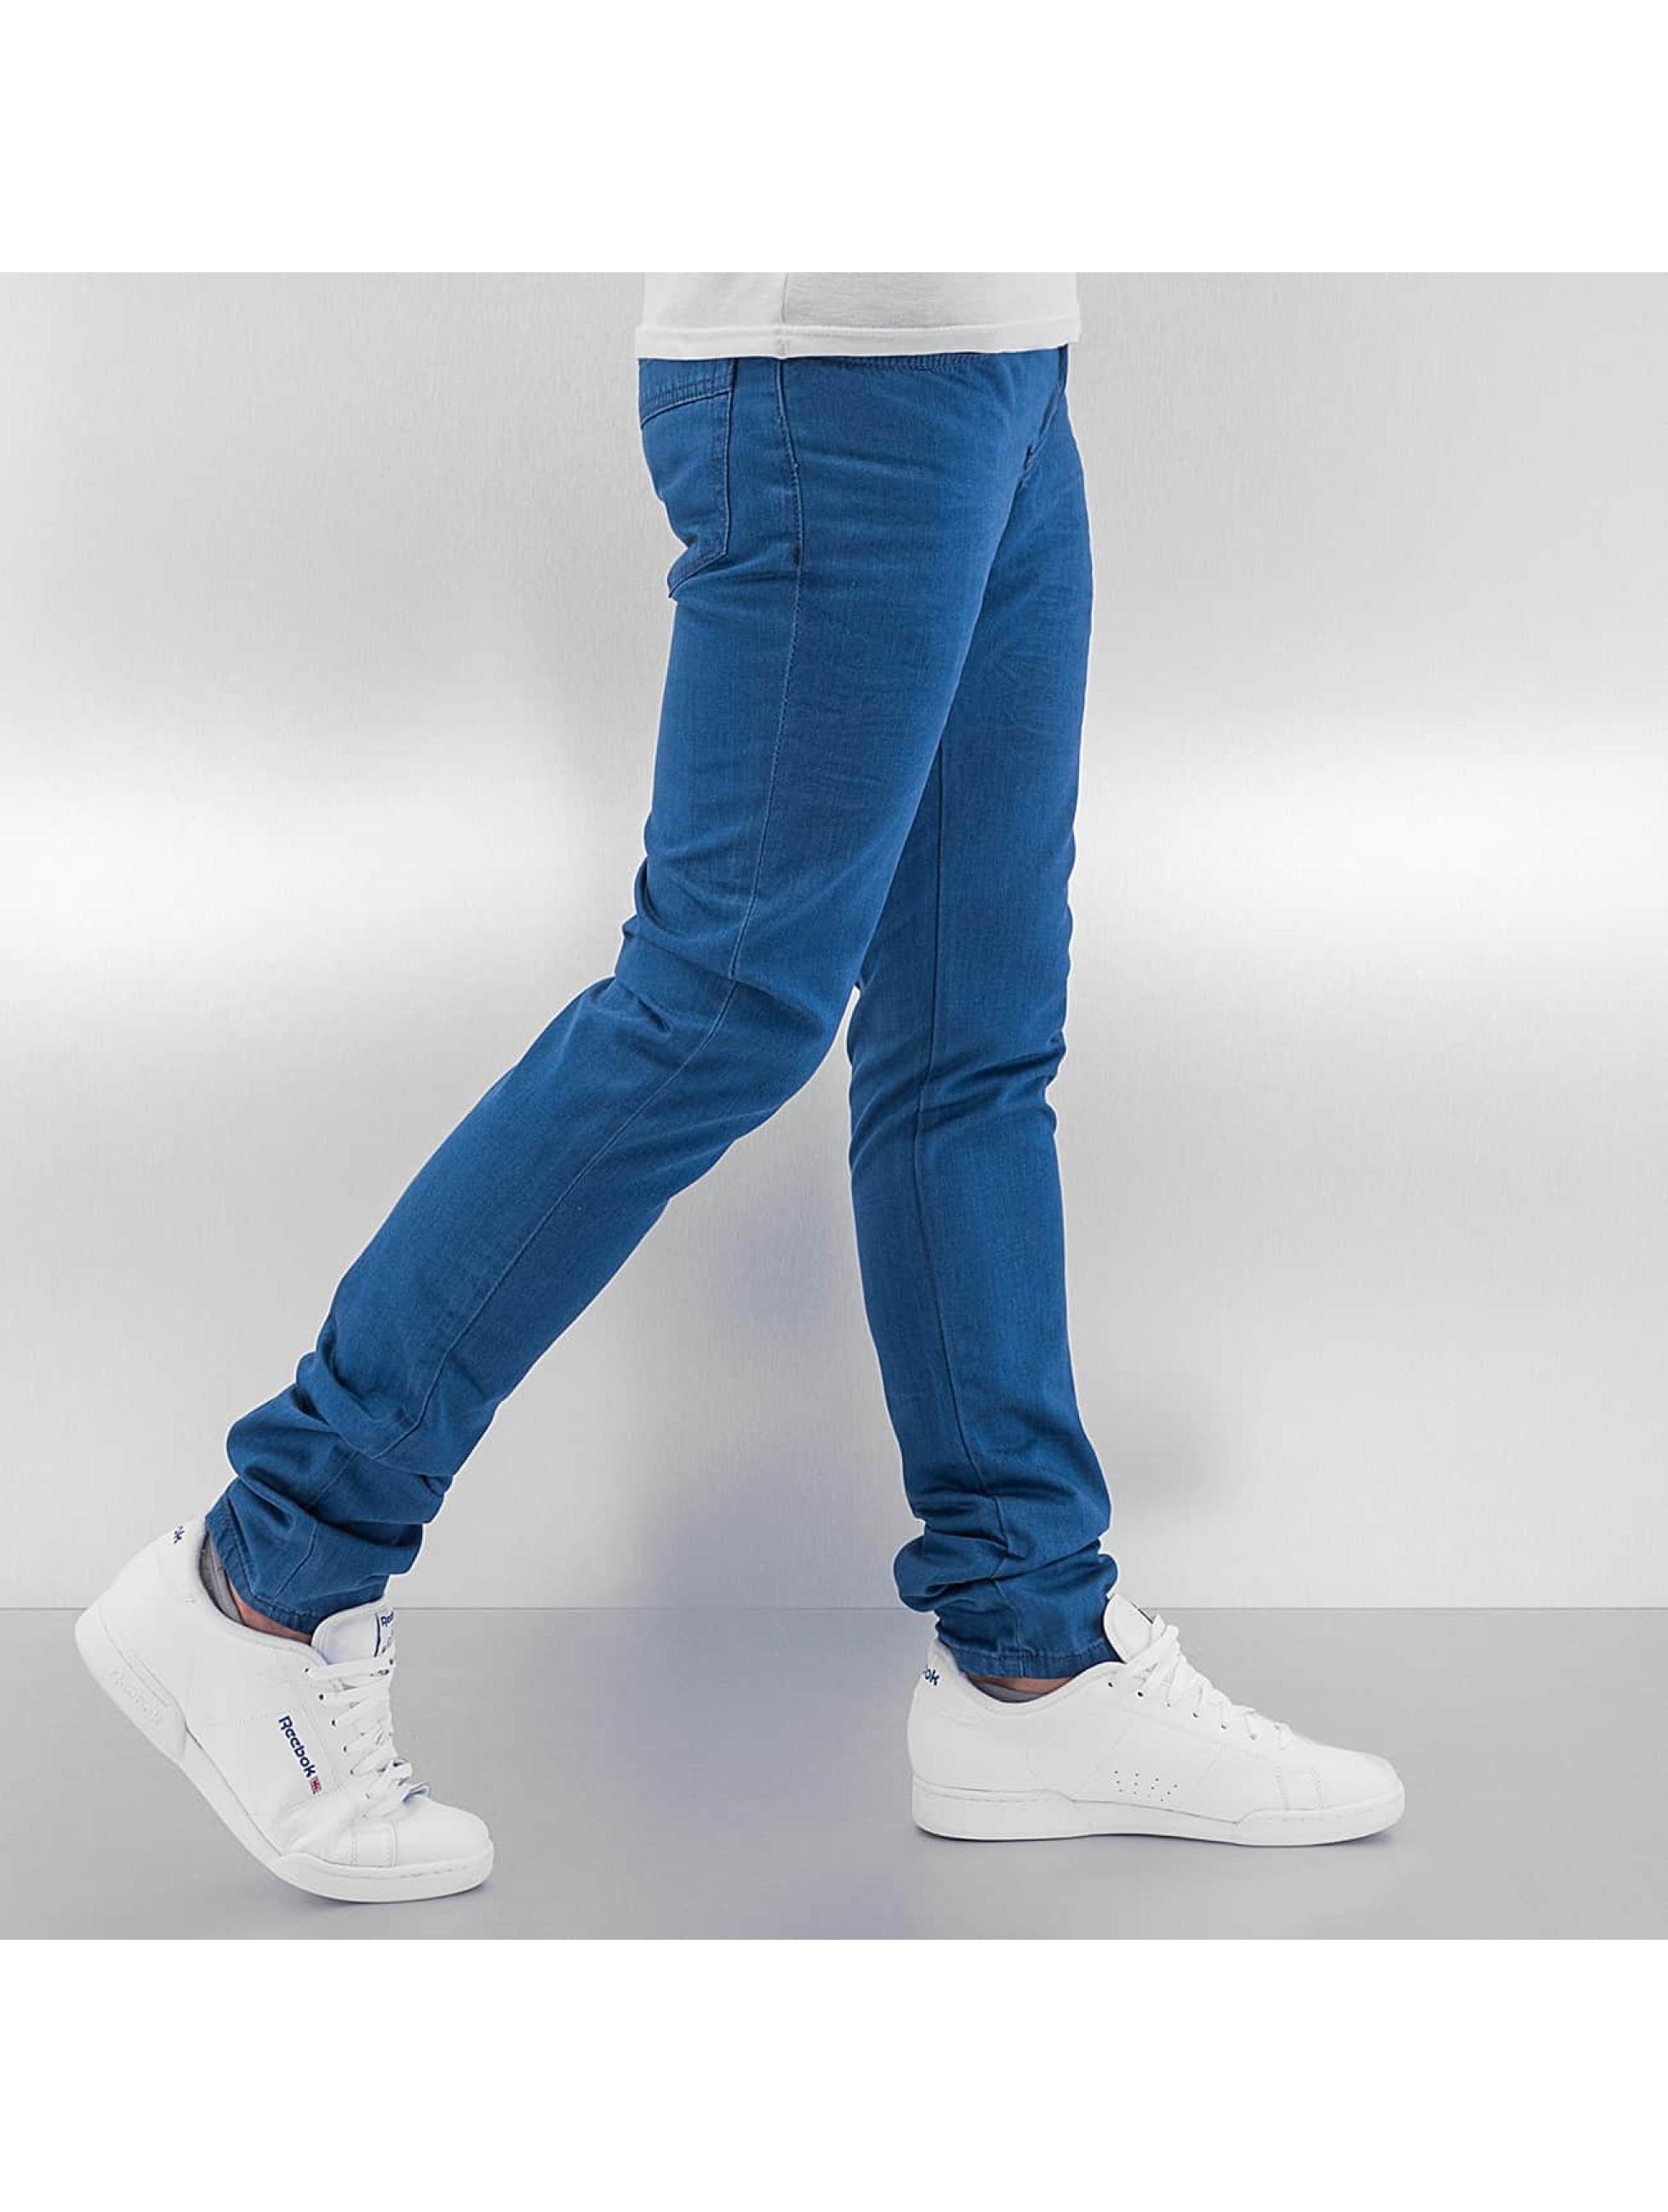 Cazzy Clang Jean skinny Dye bleu